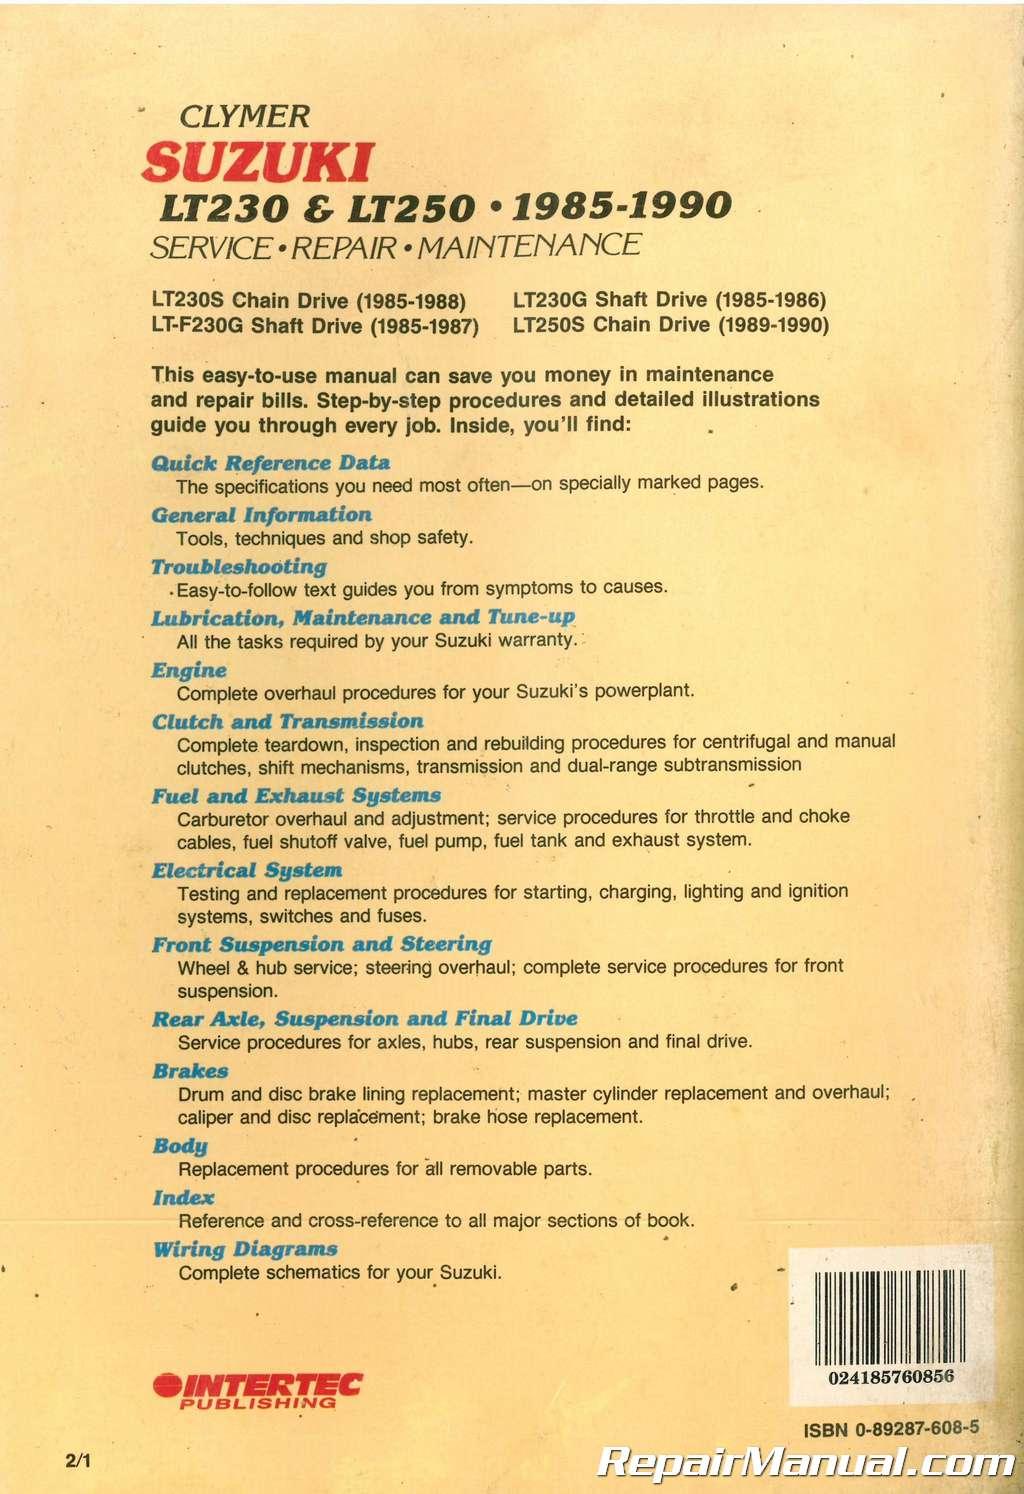 Clymer Suzuki Lt Manual